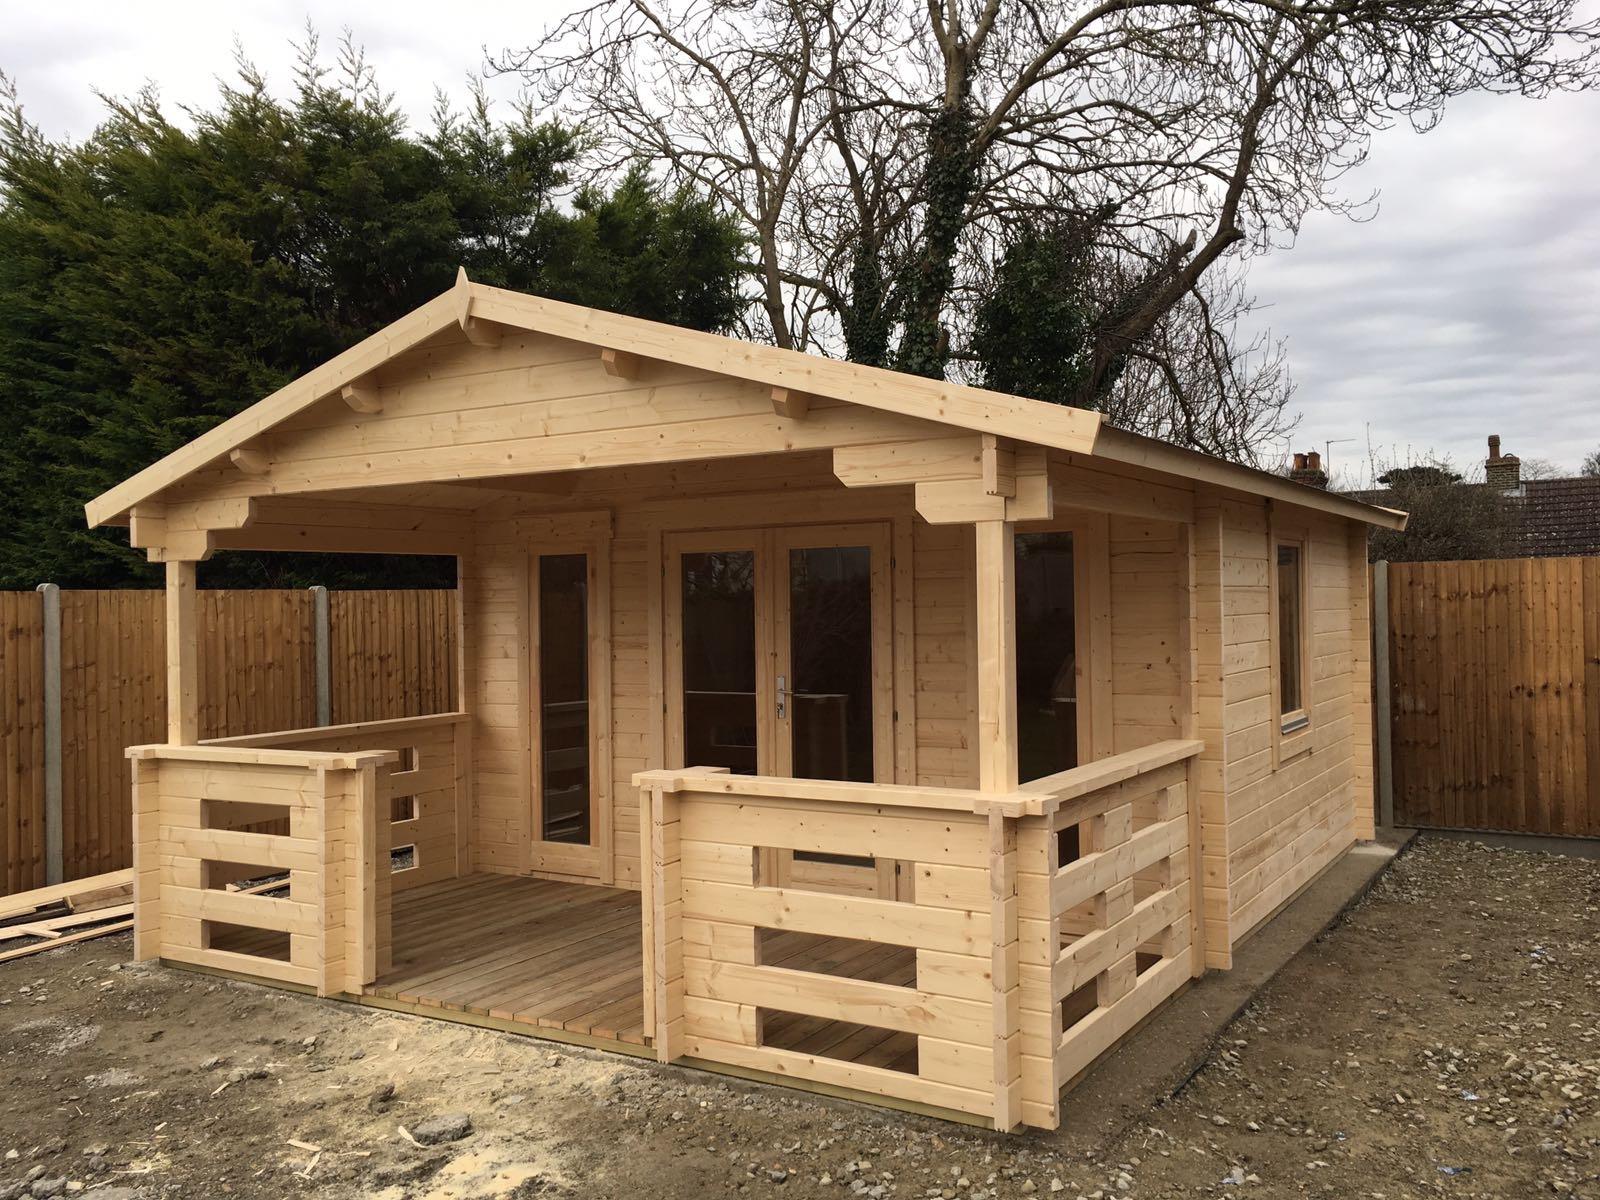 Holz Gartenhaus Mit Terrasse Henry 15m² 44mm 4 6